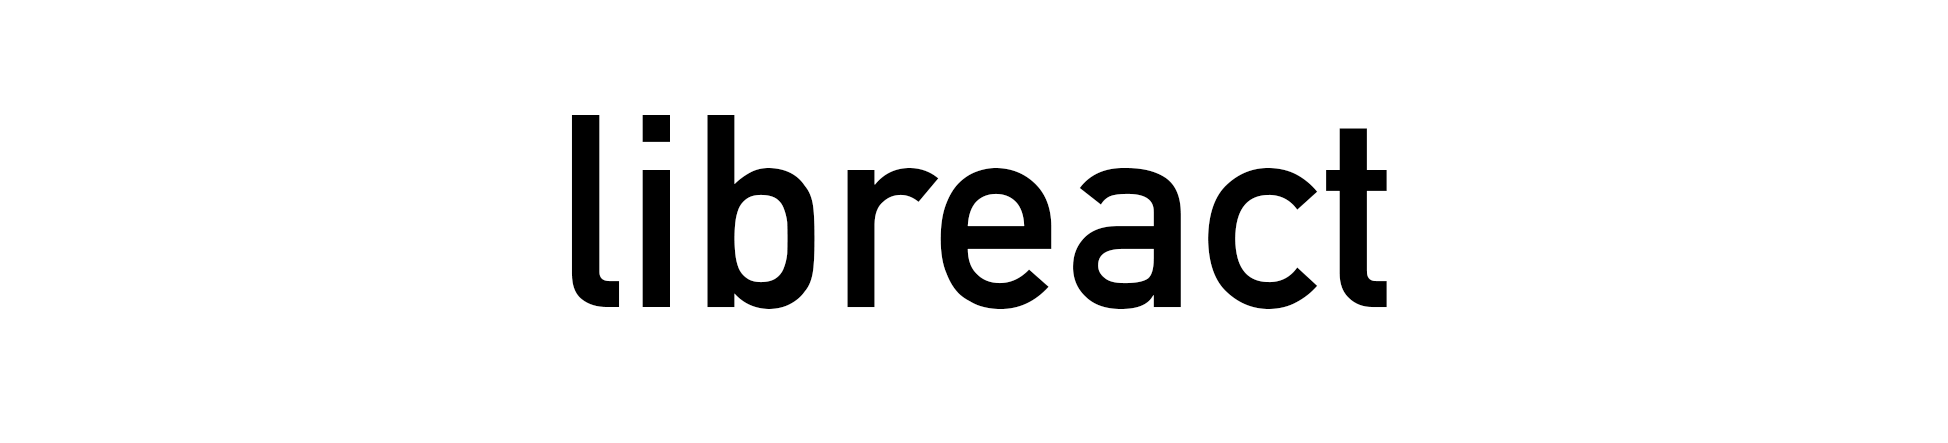 libreact logo